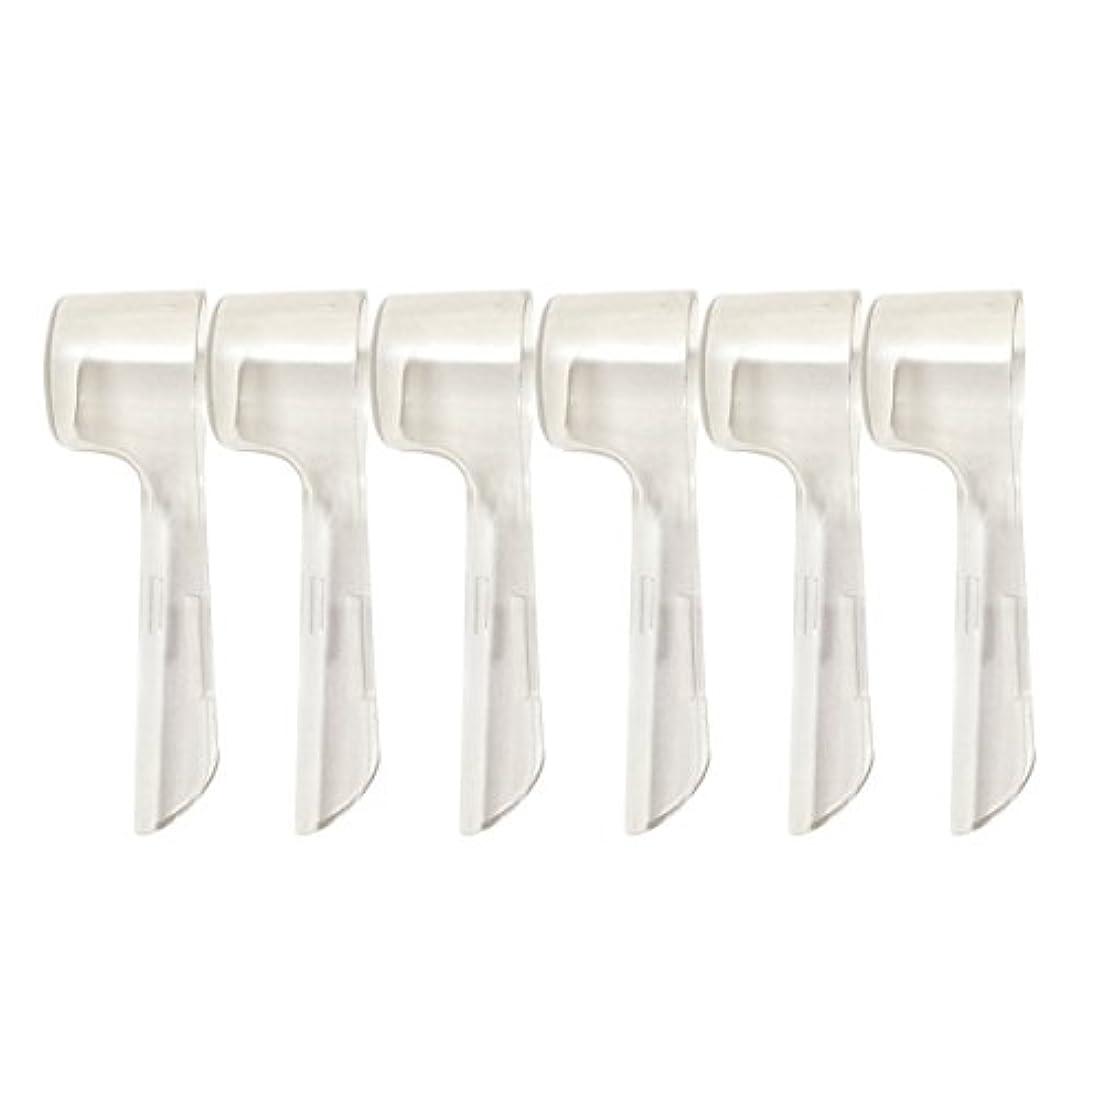 危険にさらされている手がかり放棄するHEALLILY 6本旅行ポータブル歯ブラシヘッドカバー歯ブラシ保護ケース